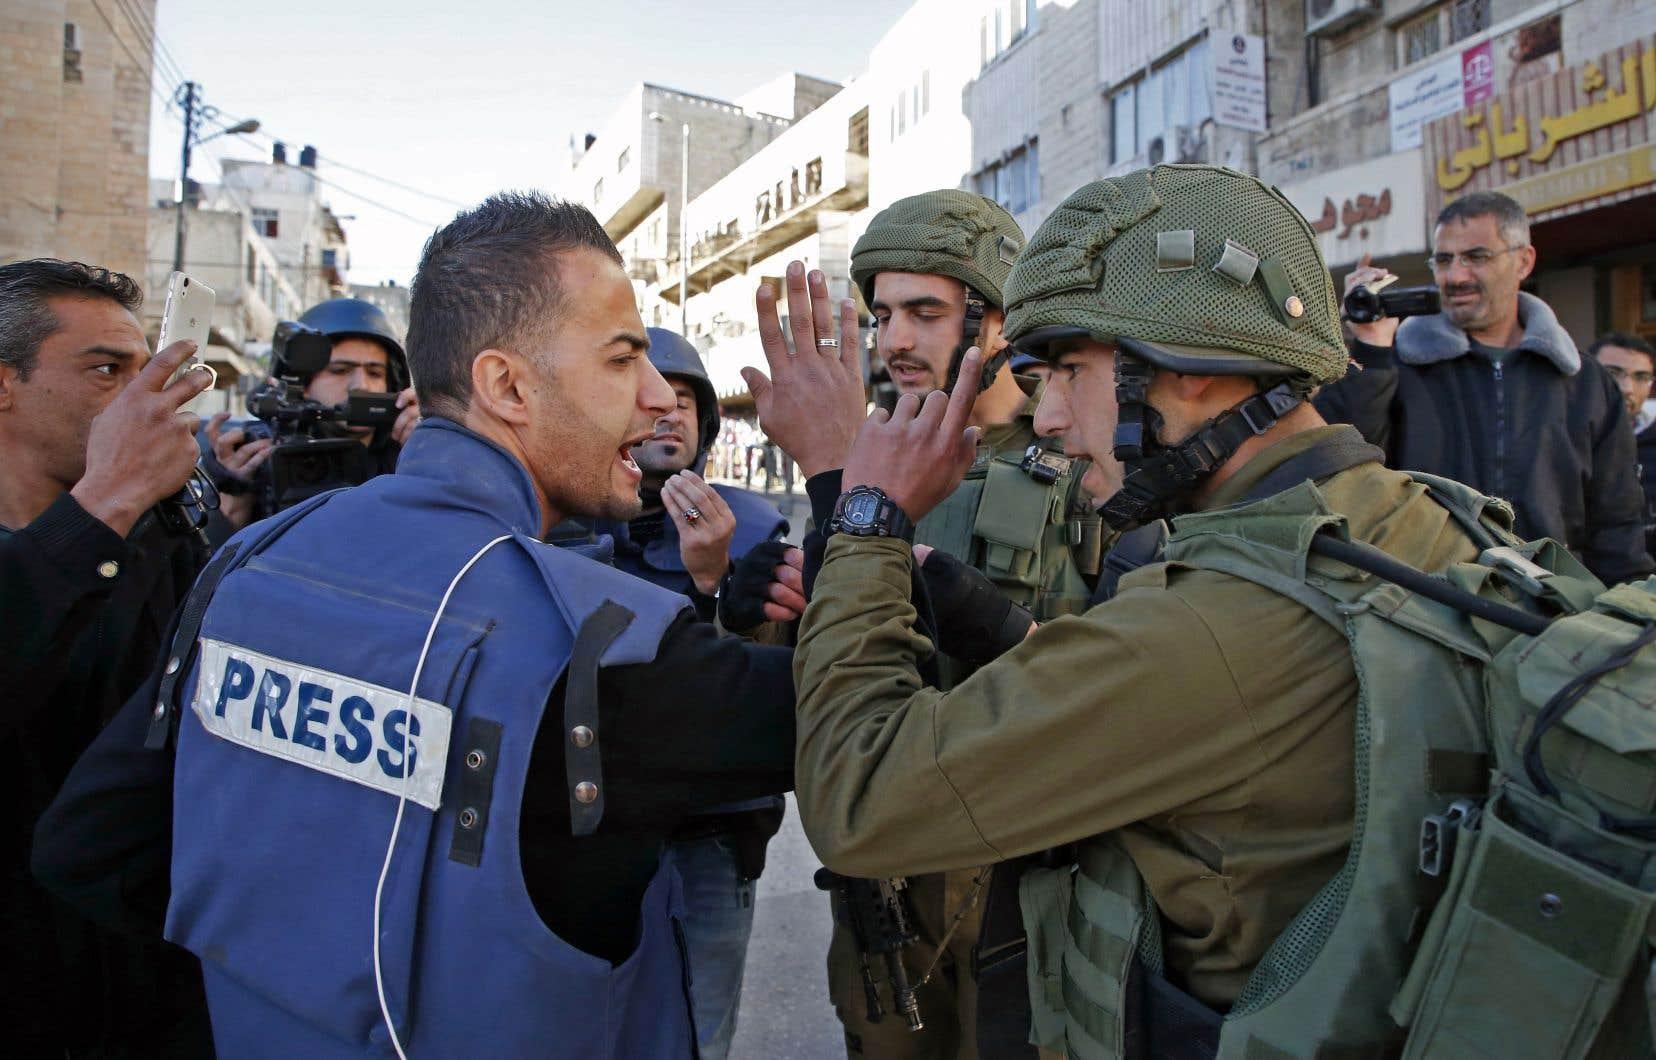 Un journaliste discutait avec un membre des forces armées israéliennes à Hébron, en décembre 2017, à la suite de la décision du président Trump de reconnaître Jérusalem comme capitale israélienne.